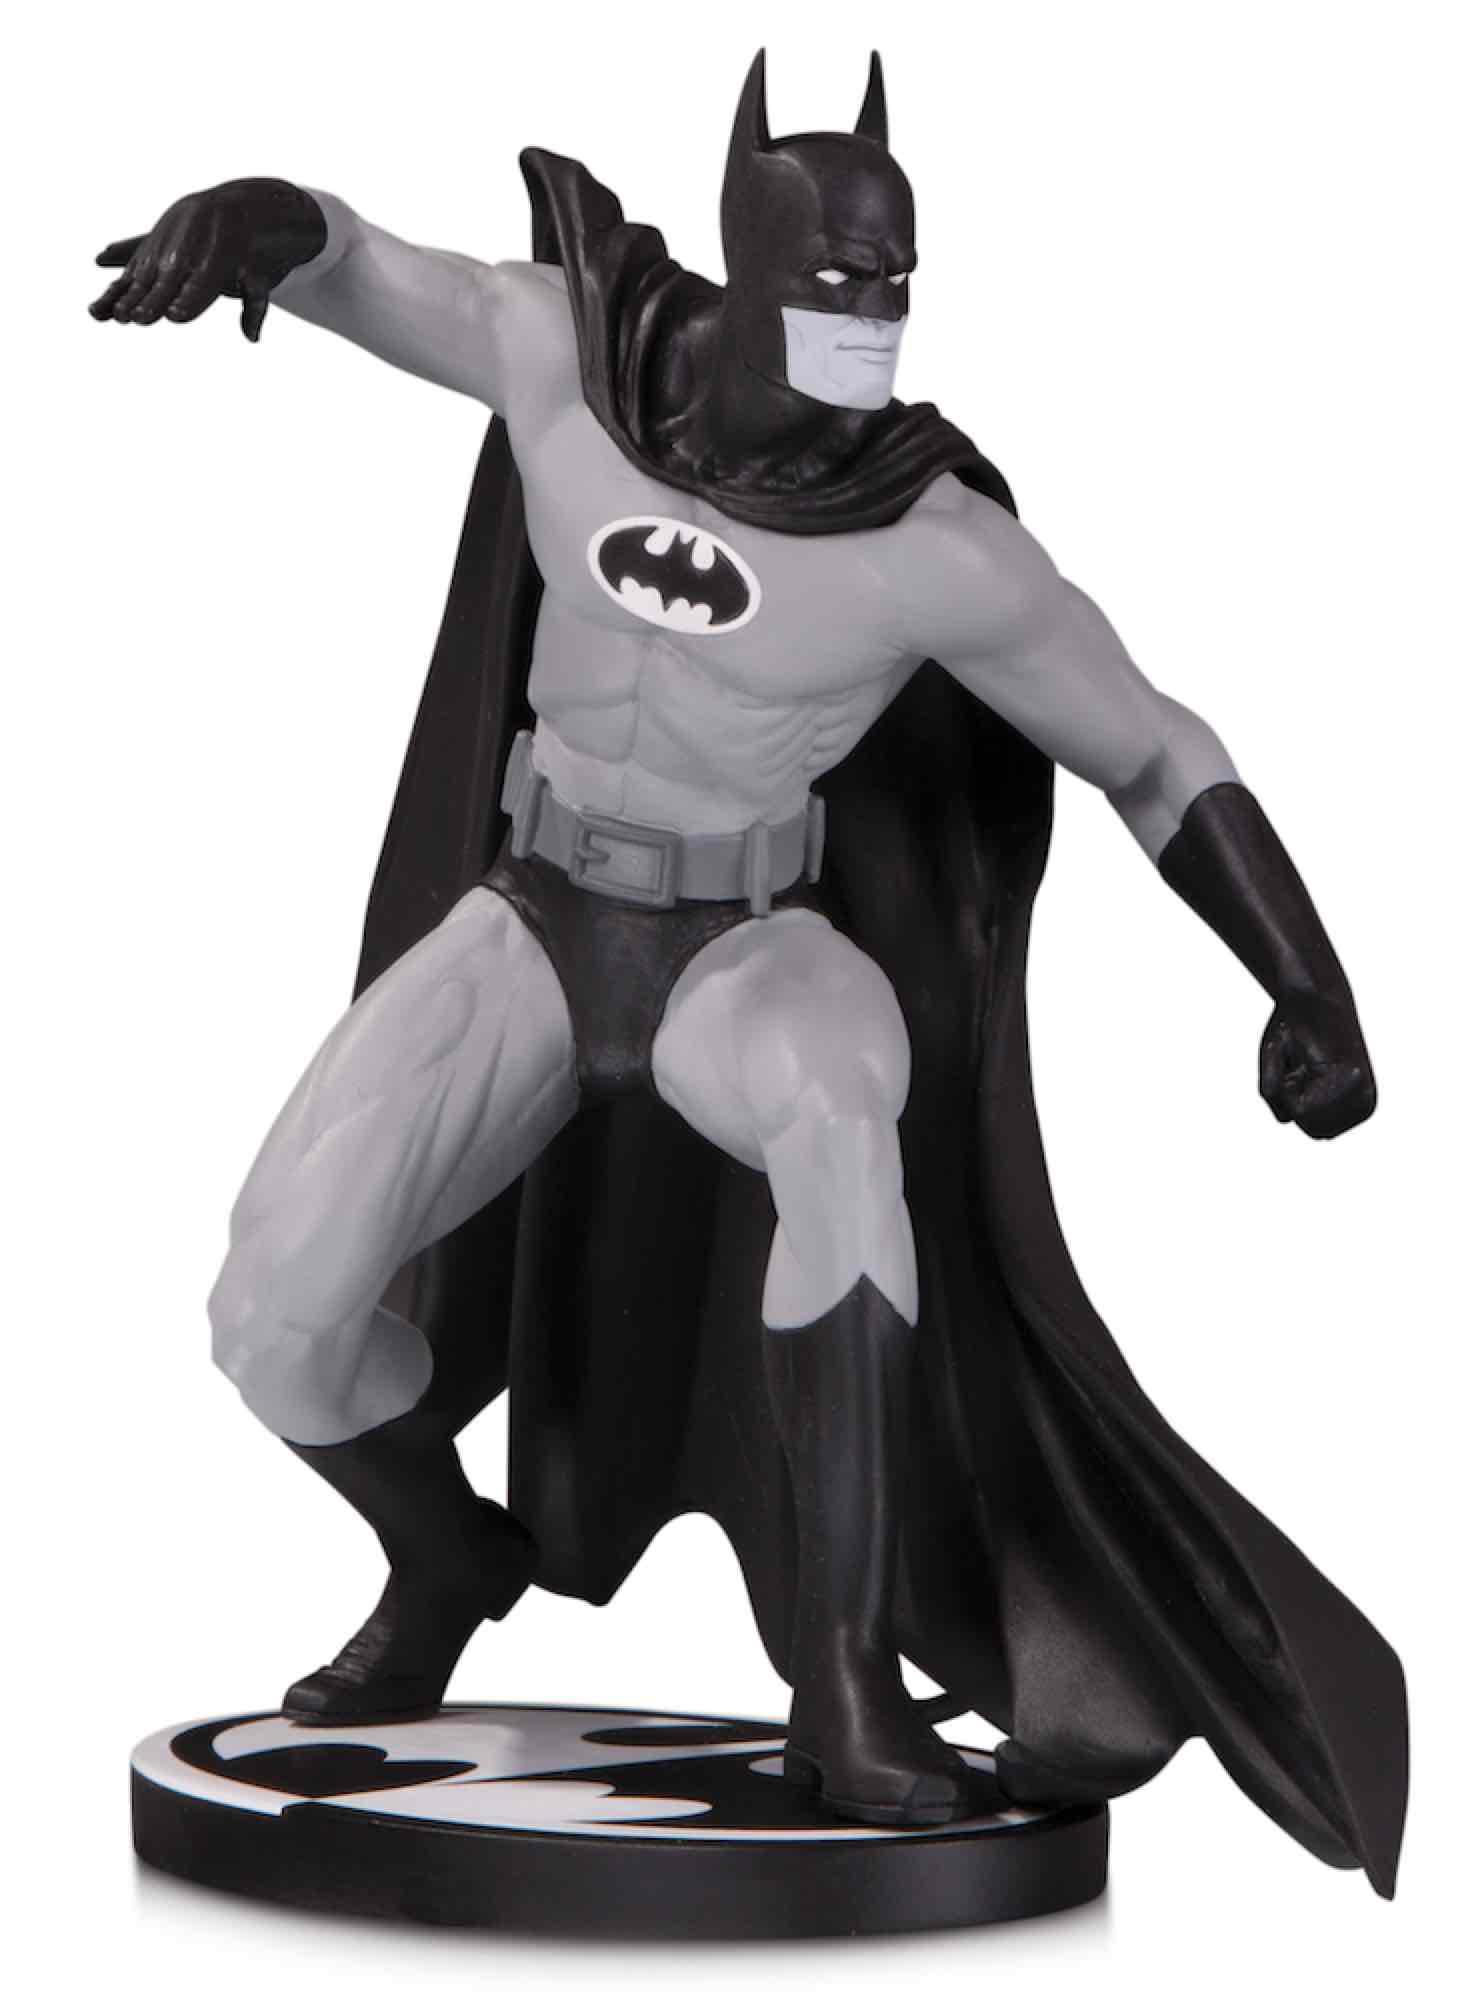 BATMAN B&W BLACK AND WHITE BY GENE COLAN ESTATUA 17 CM BATMAN UNIVERSO DC